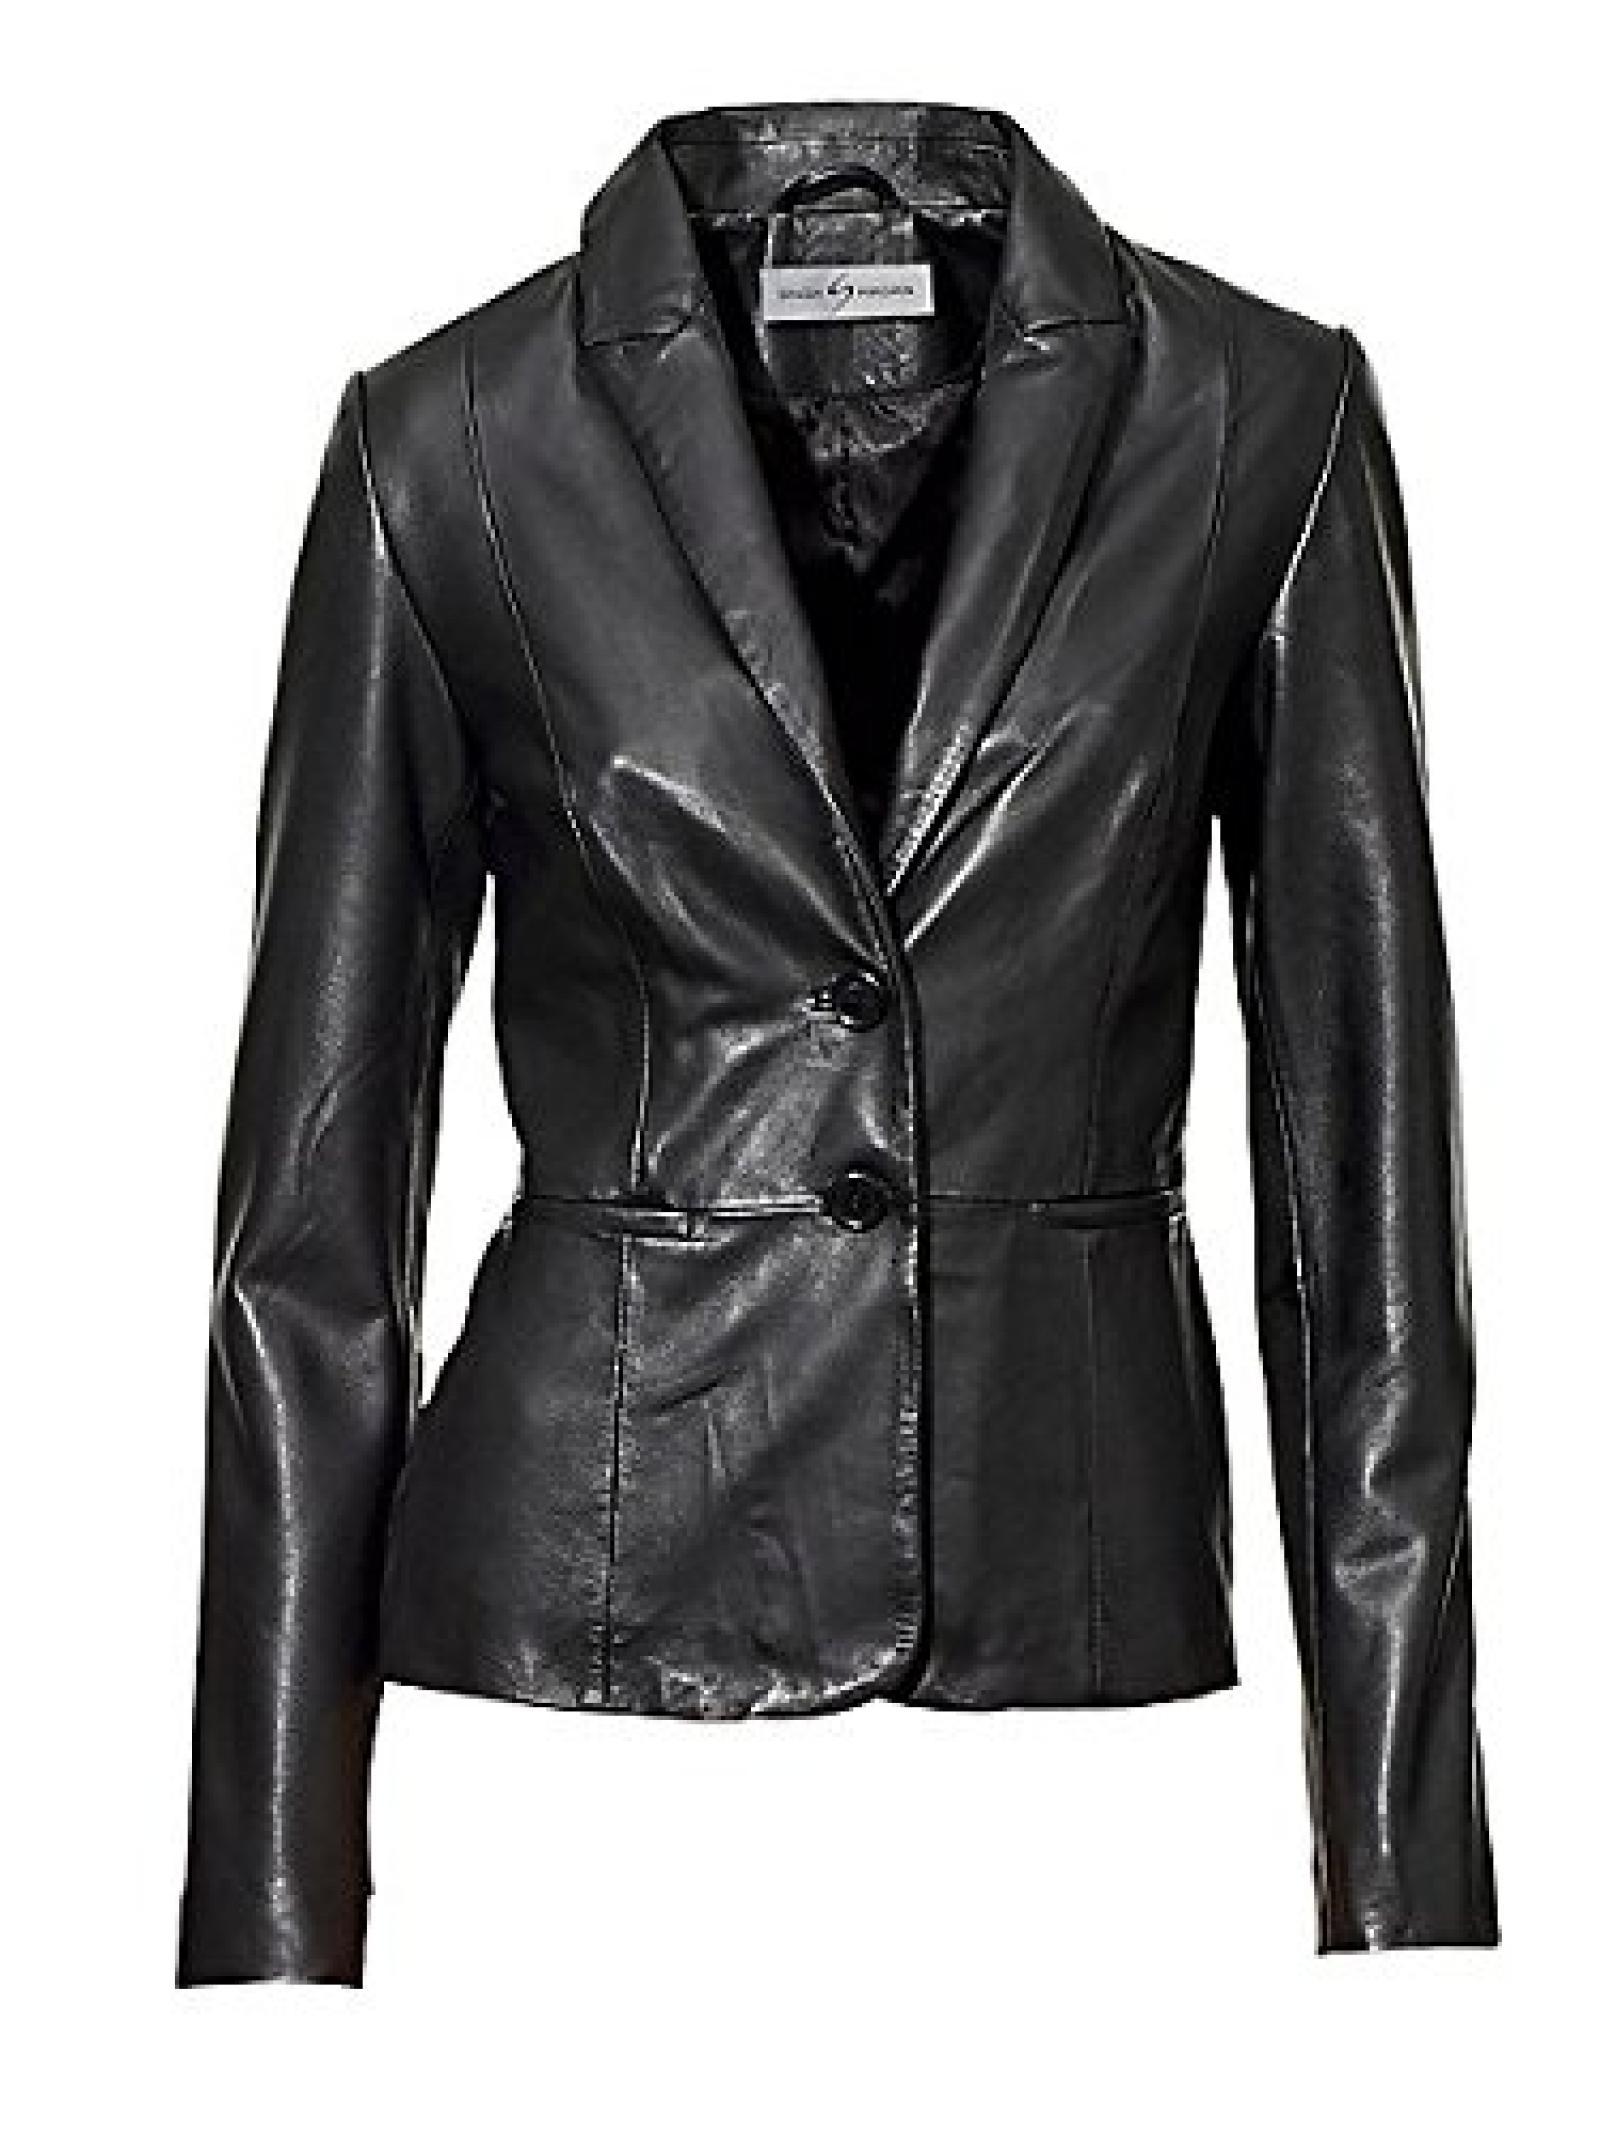 Damen SINGH S. MADAN Lederjacke in schwarz - Größe: 36